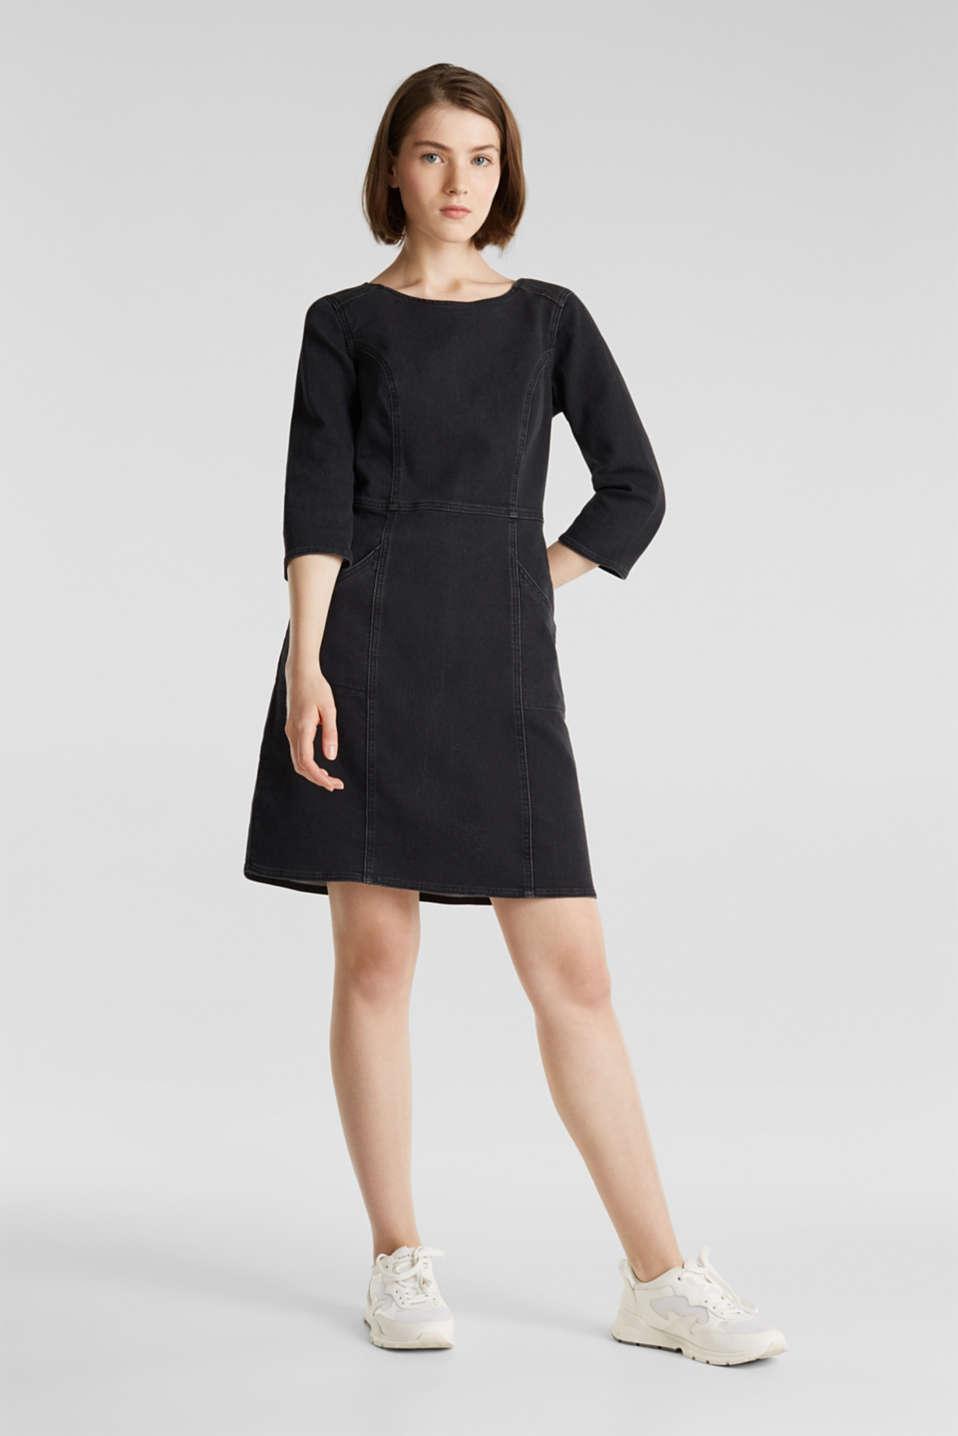 Dresses denim, BLACK DARK WASH, detail image number 1